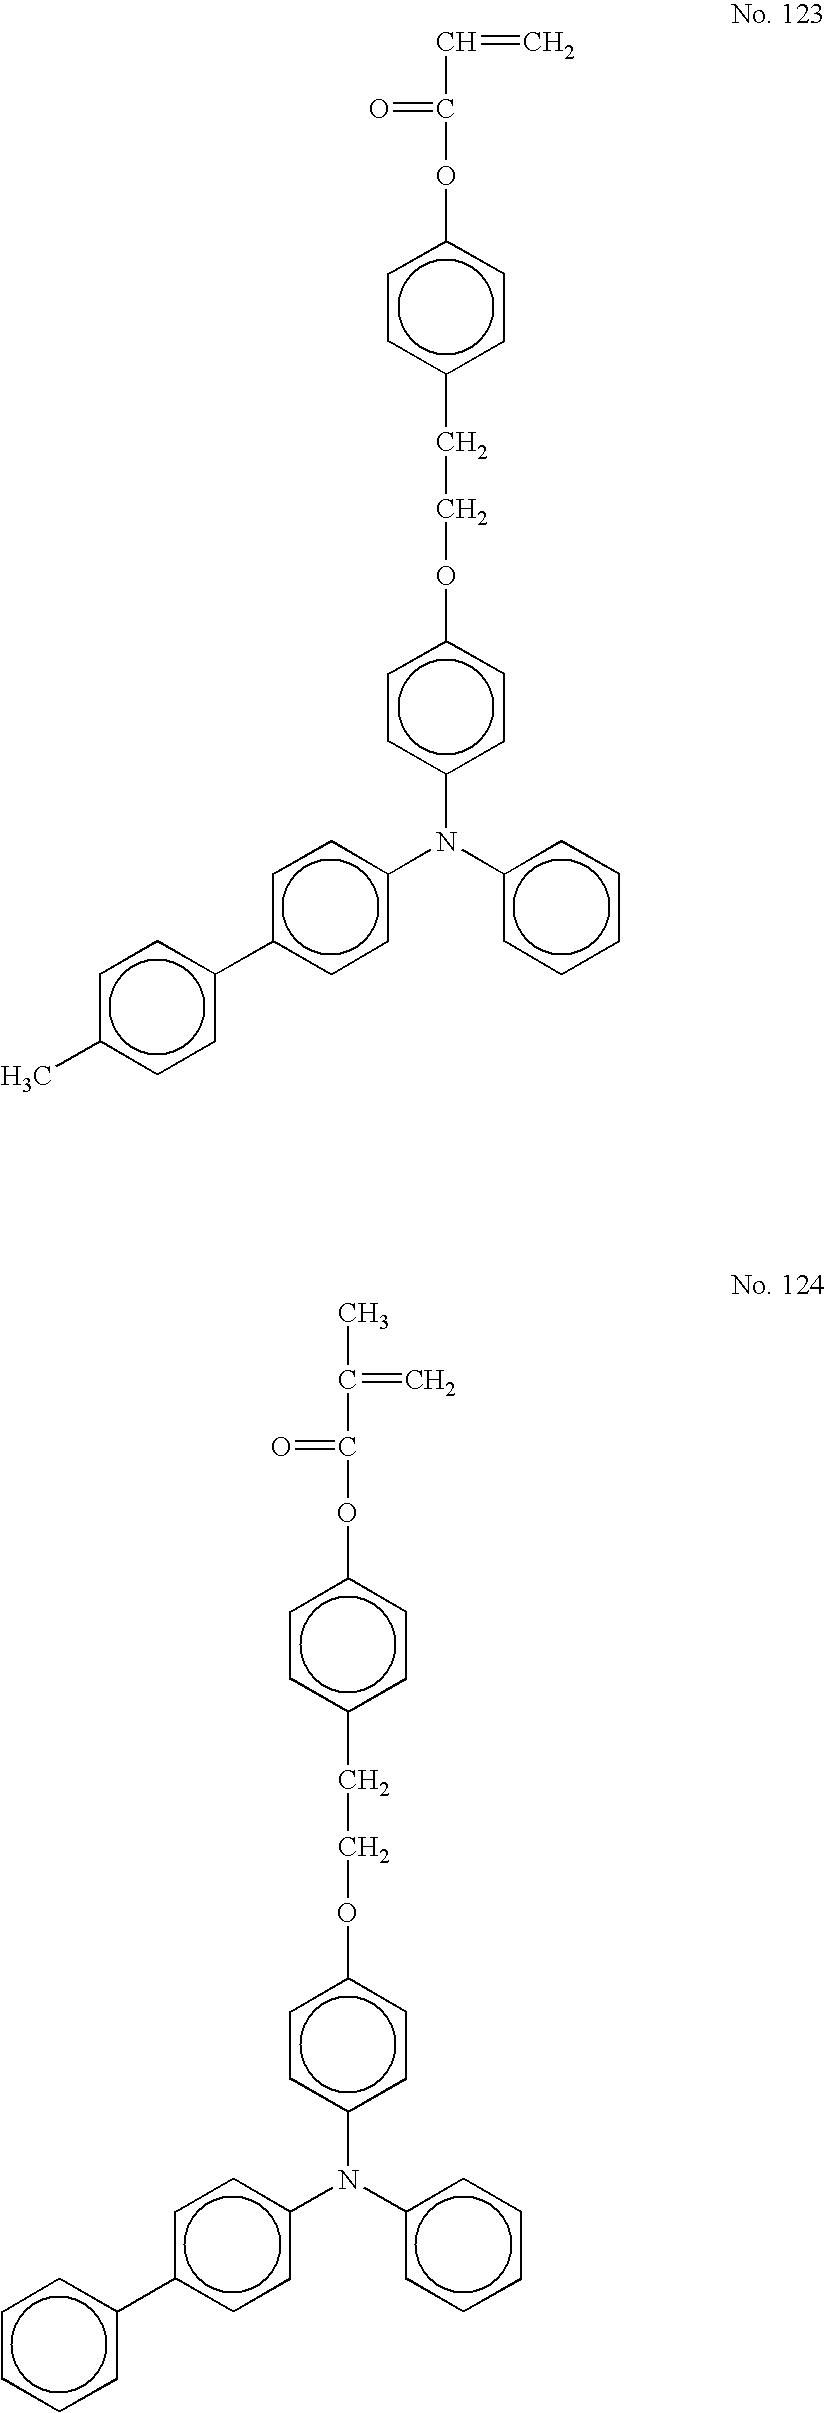 Figure US20060177749A1-20060810-C00061